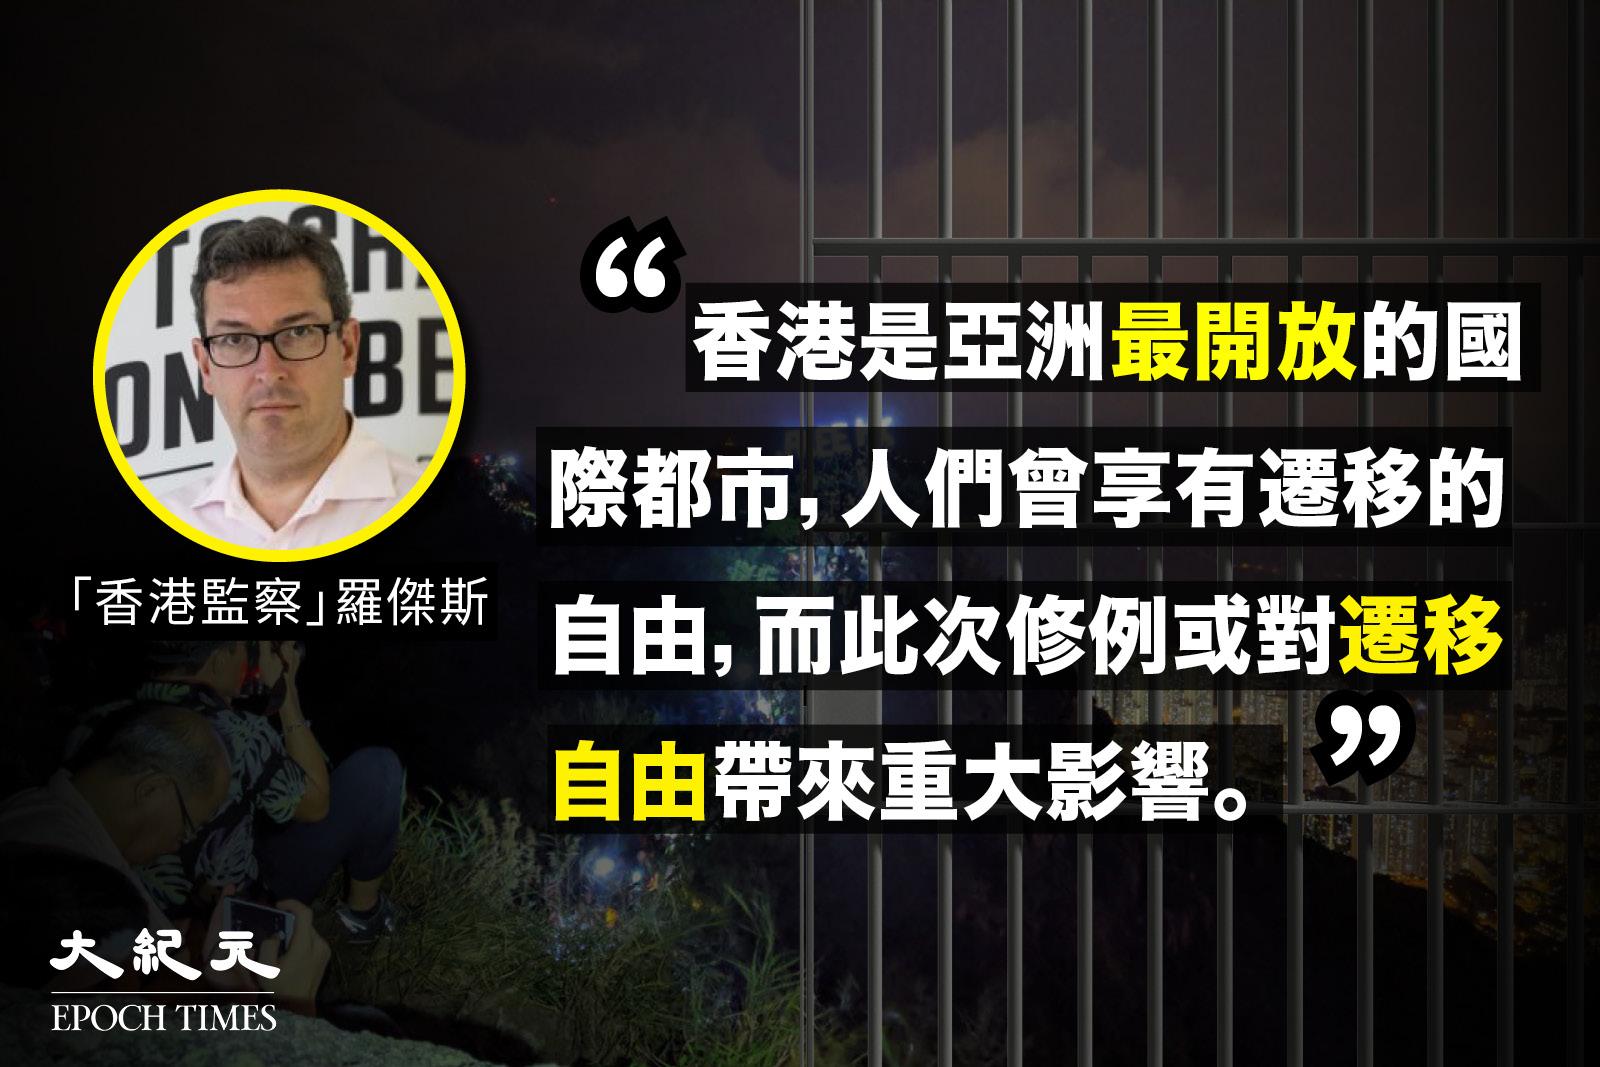 「香港監察」發表聲明譴責香港28日通過的《入境條例》,指條例會阻斷尋求一線生機的港人出境。(大紀元製圖)